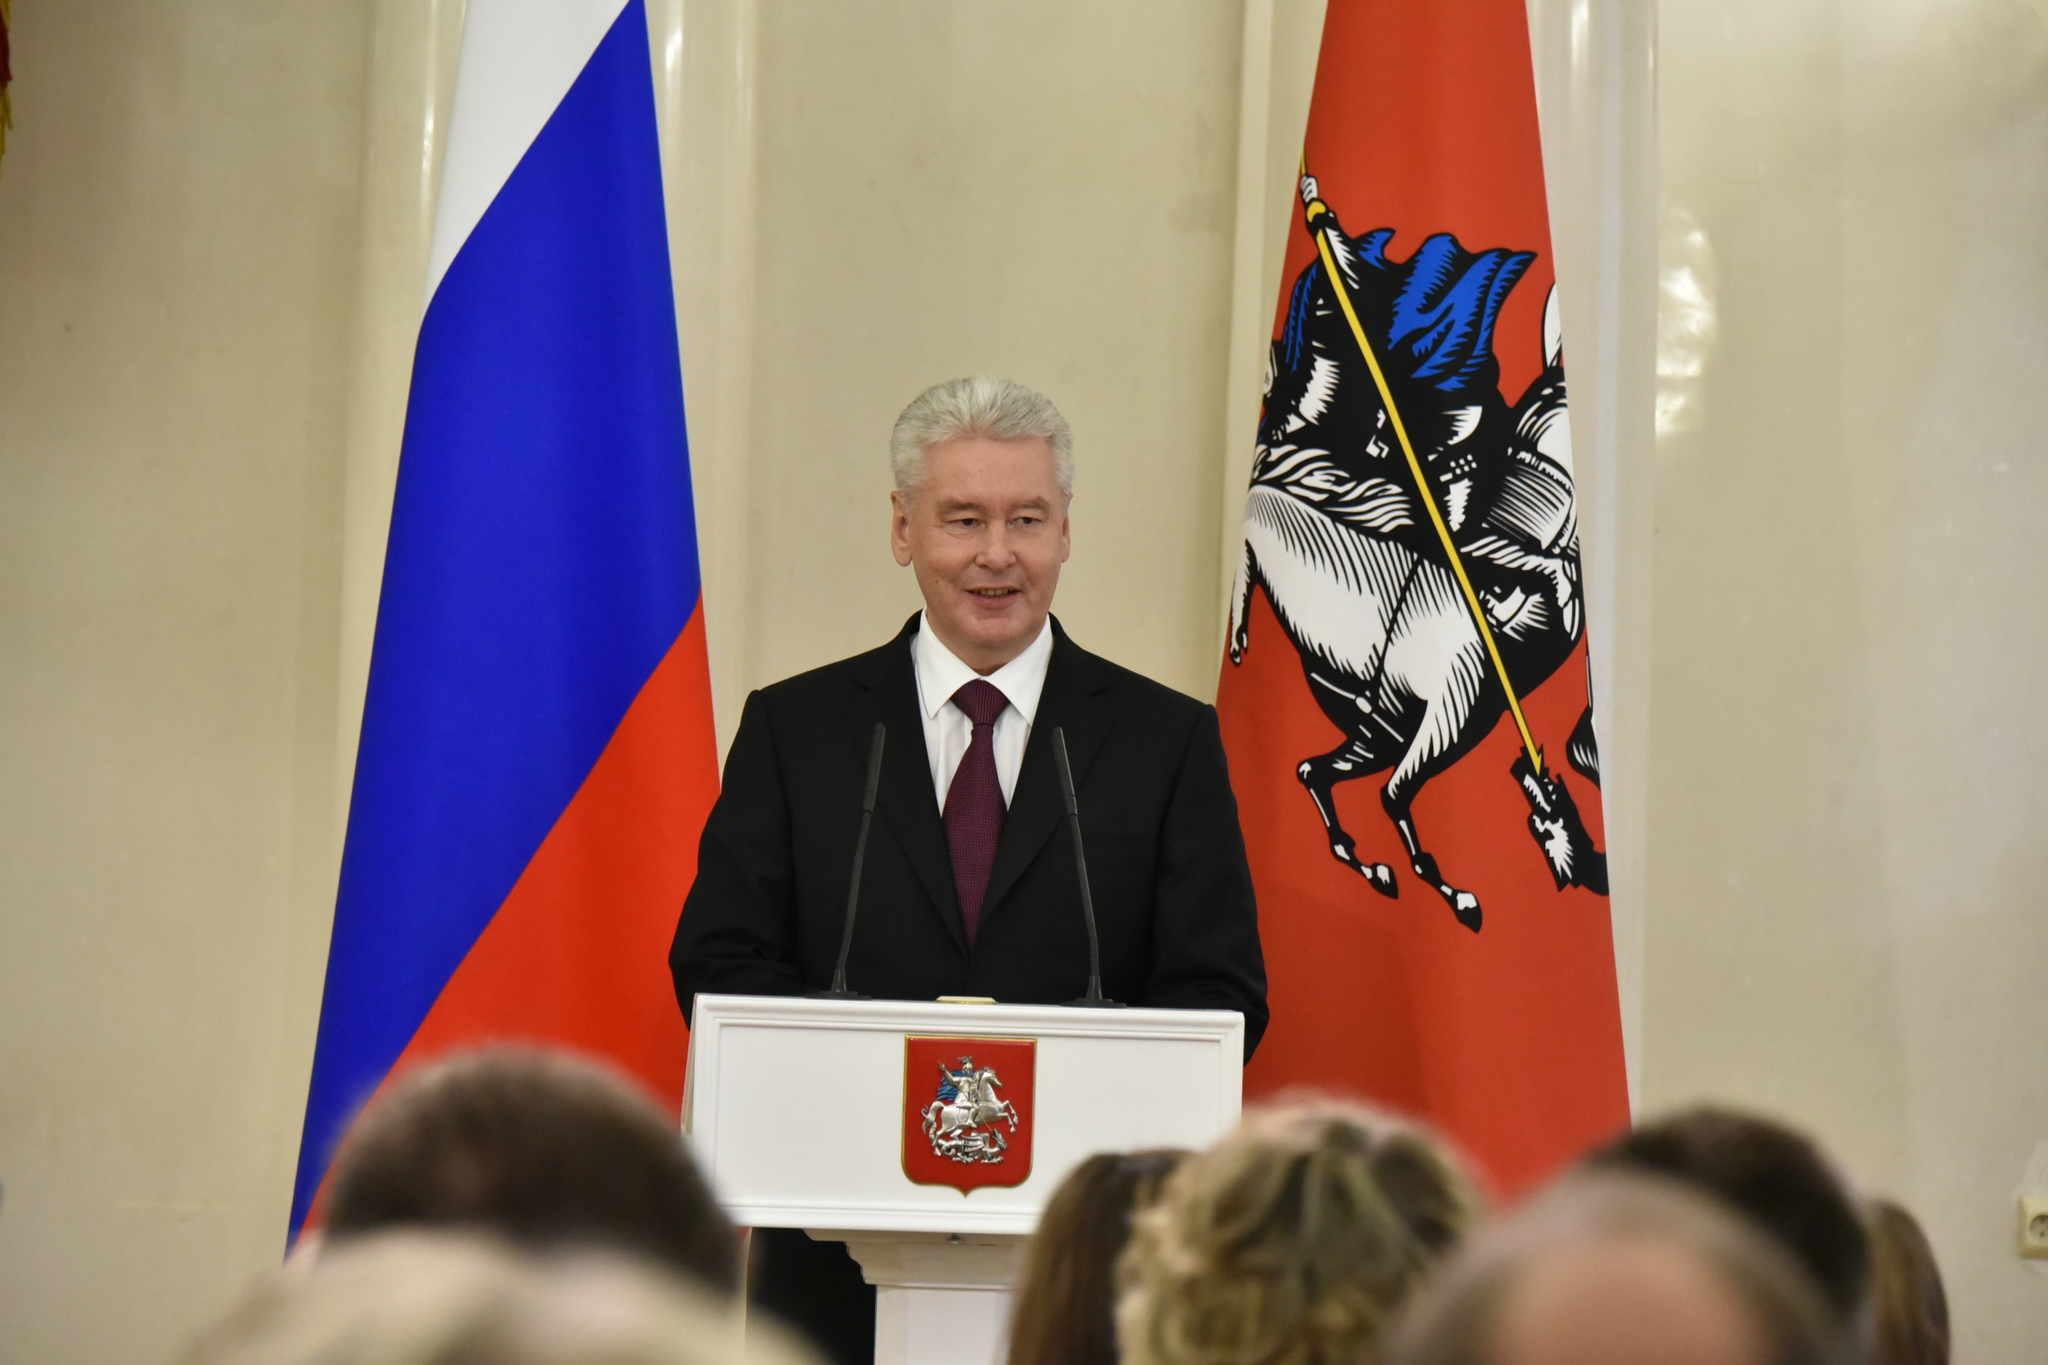 Собянин вручил многодетным семьям почетный знак «Родительская слава города Москвы»